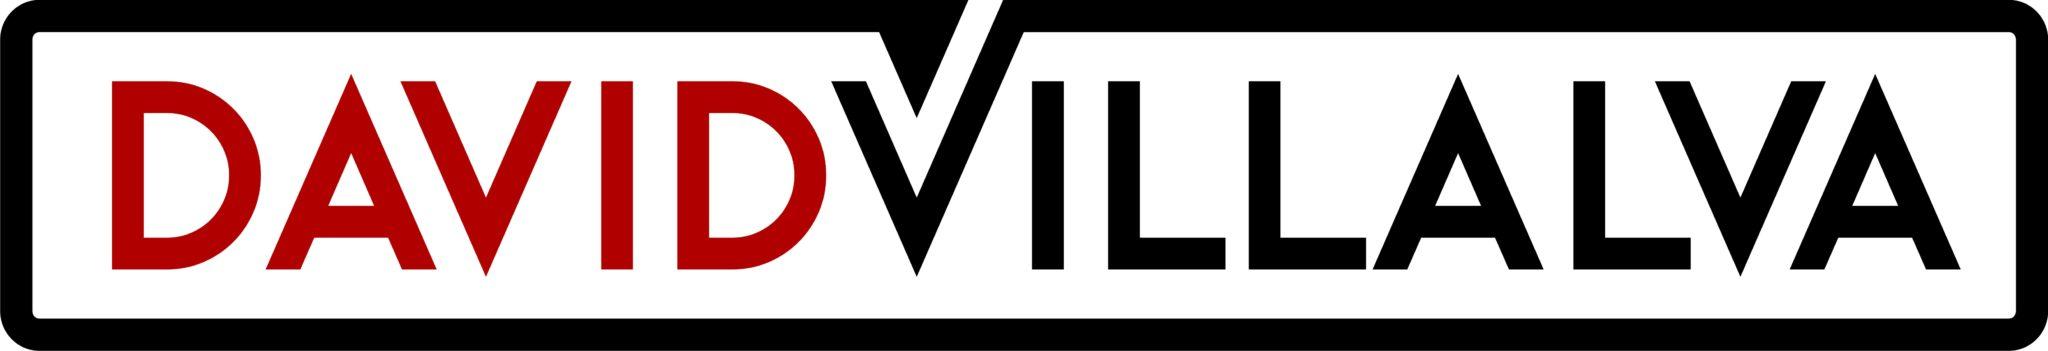 DavidVillalva.com